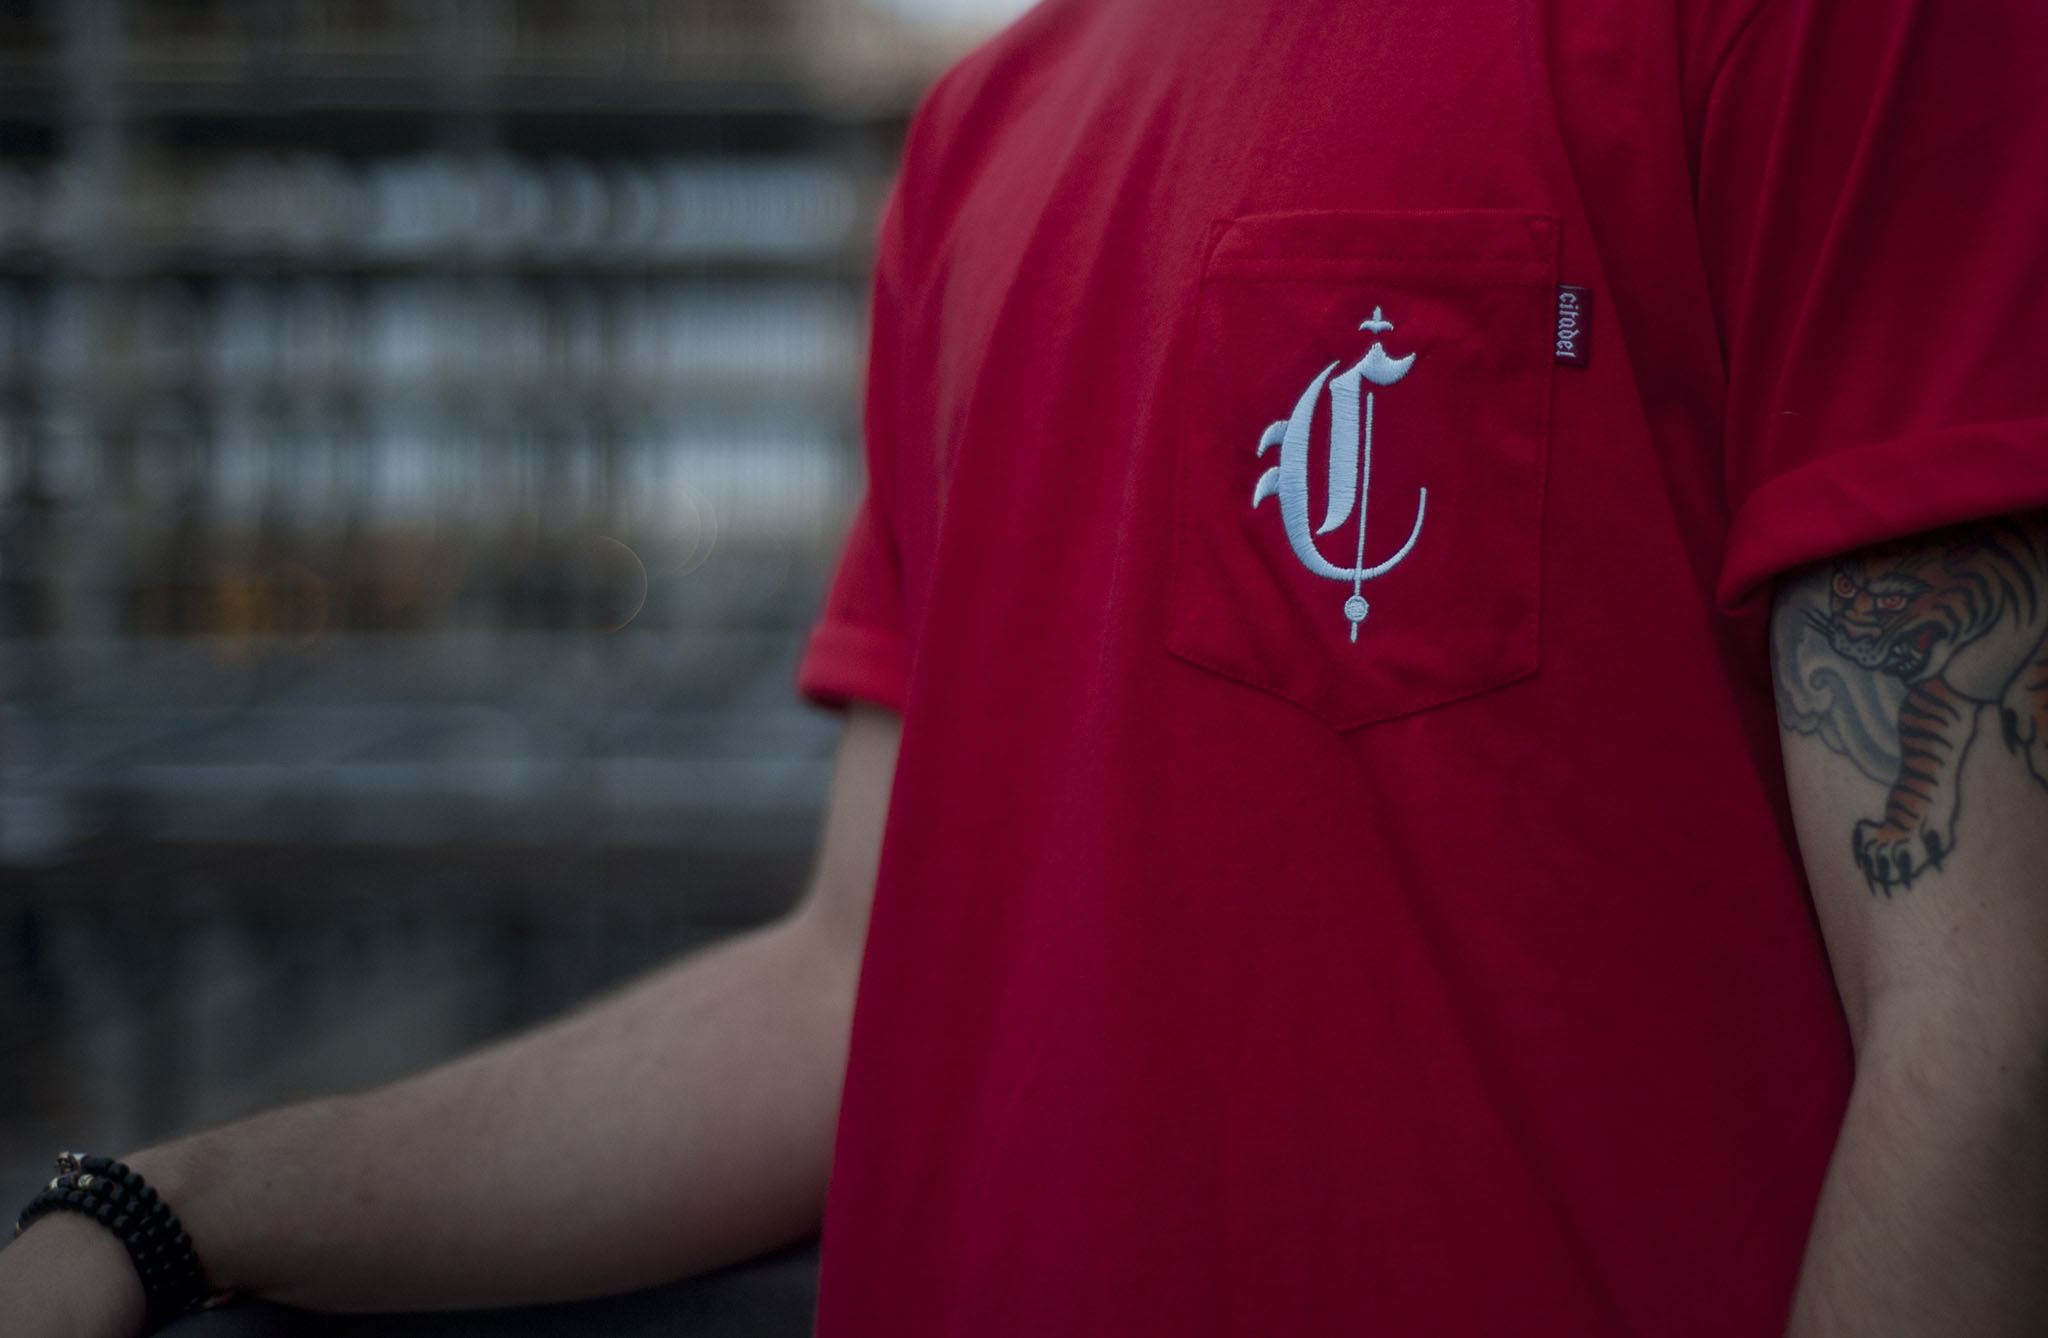 9 - Citadel Clothing Company - Citadel CC - S2015 - CitadelCC